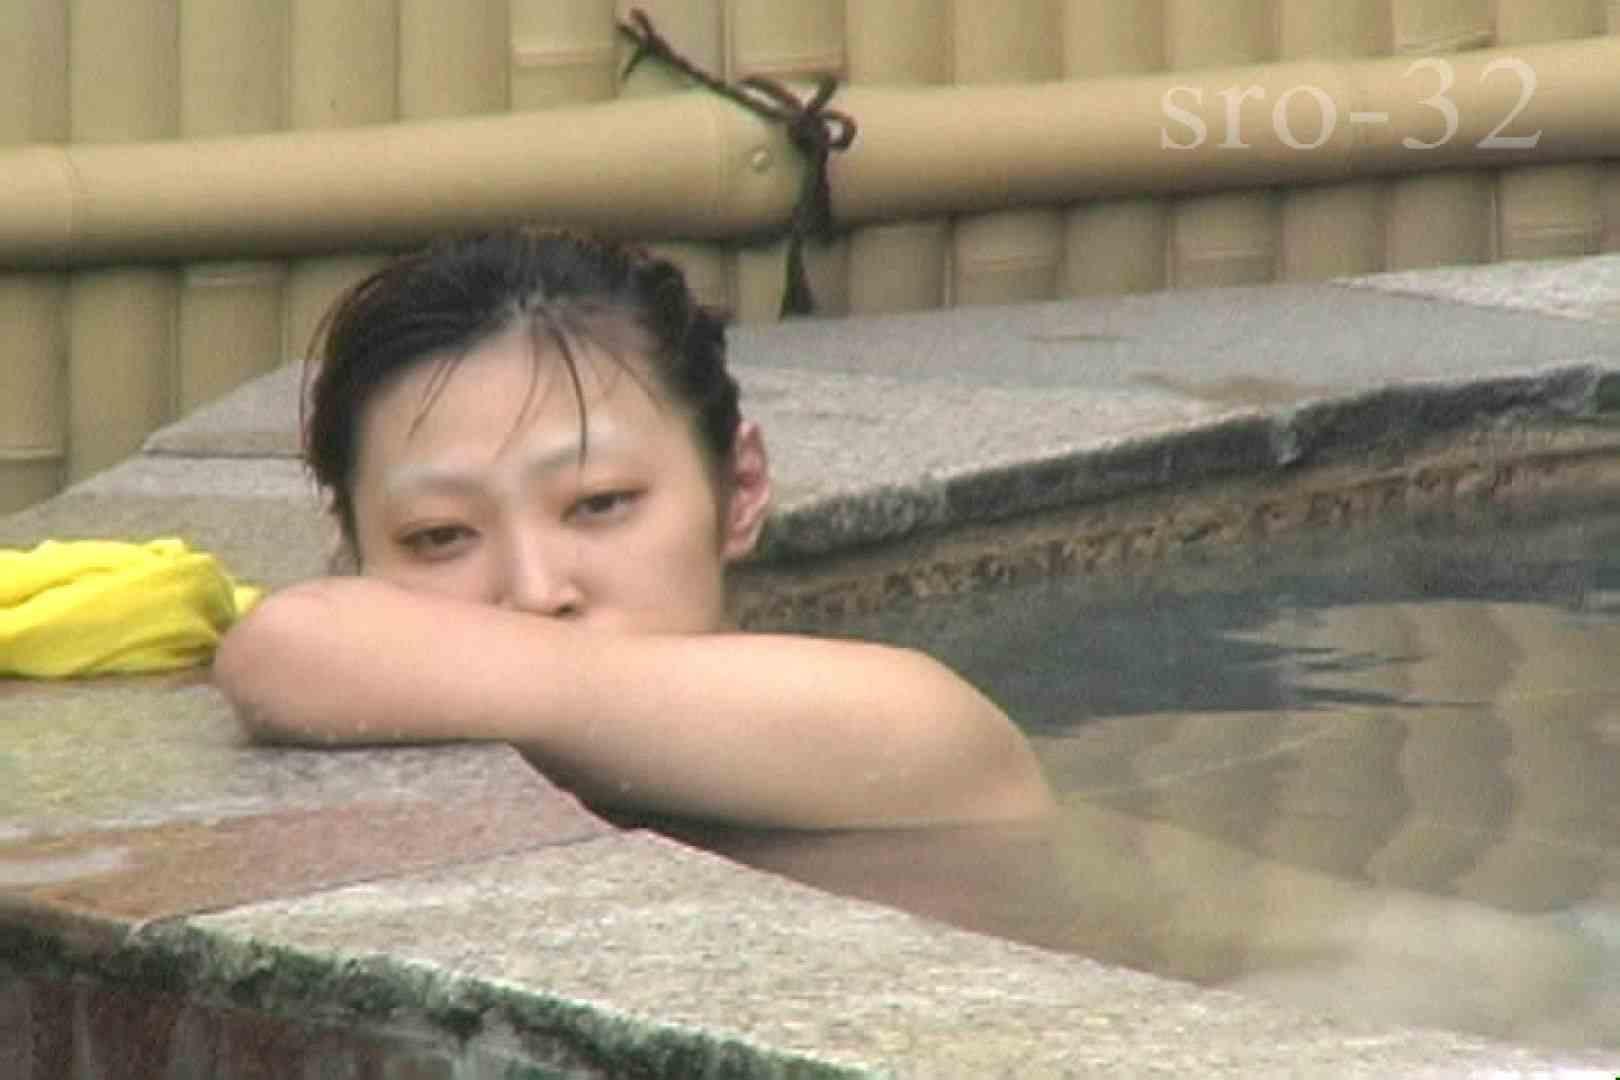 真・露天旅情 三十二番湯 Hなお姉さん エロ画像 101pic 27